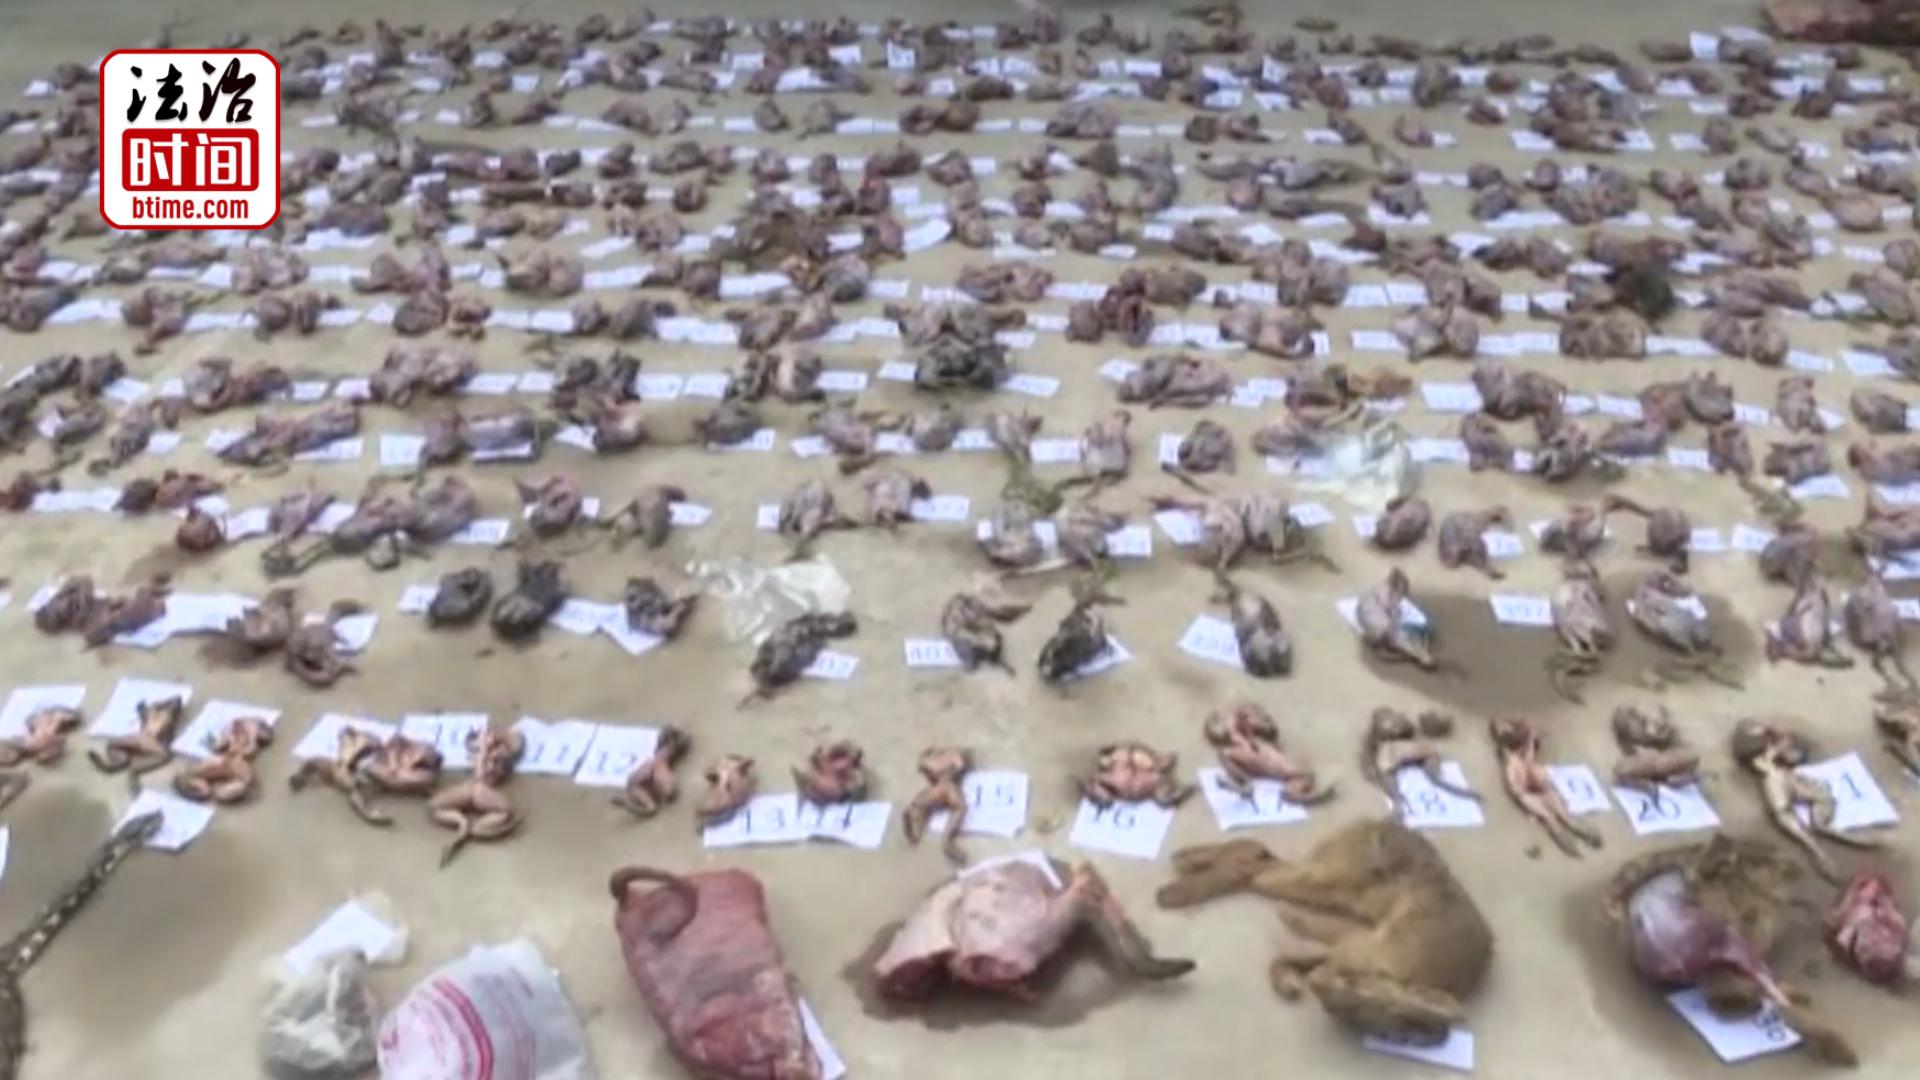 触目惊心!一村民非法收购野生动物400多只 家中冰柜藏满动物尸体